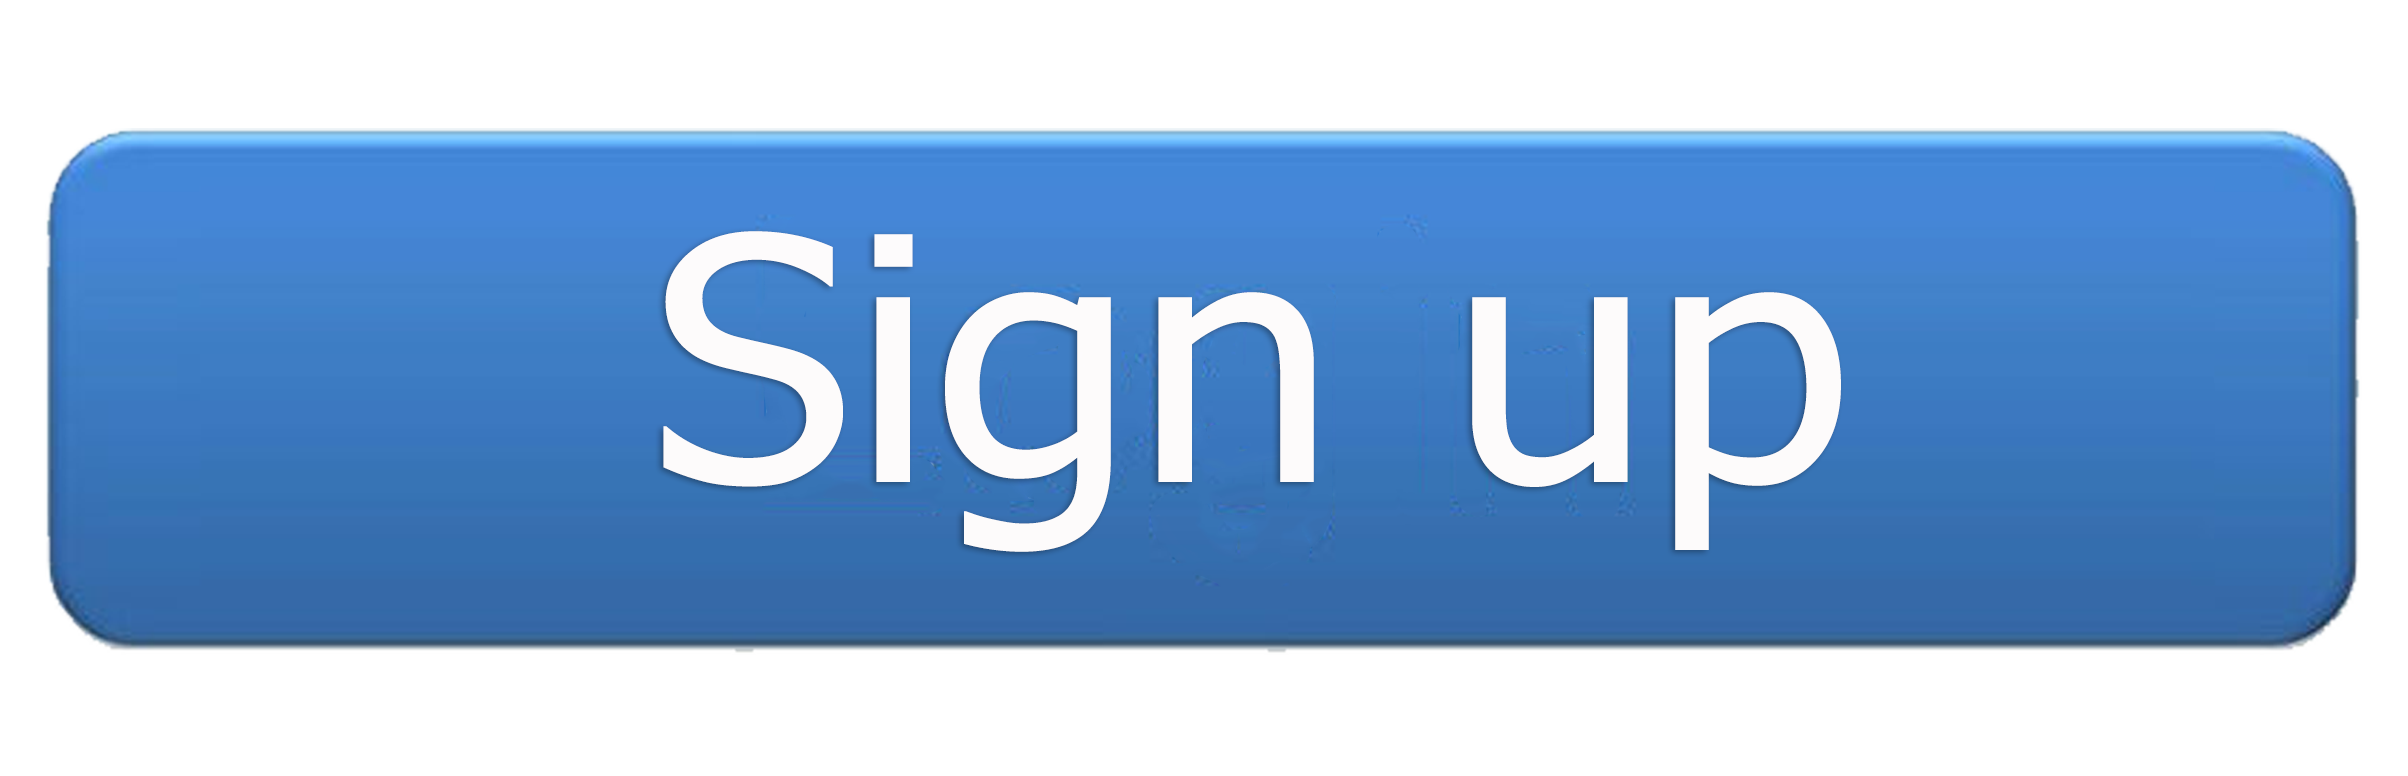 Signup for Sudha Jamthe Newsletter